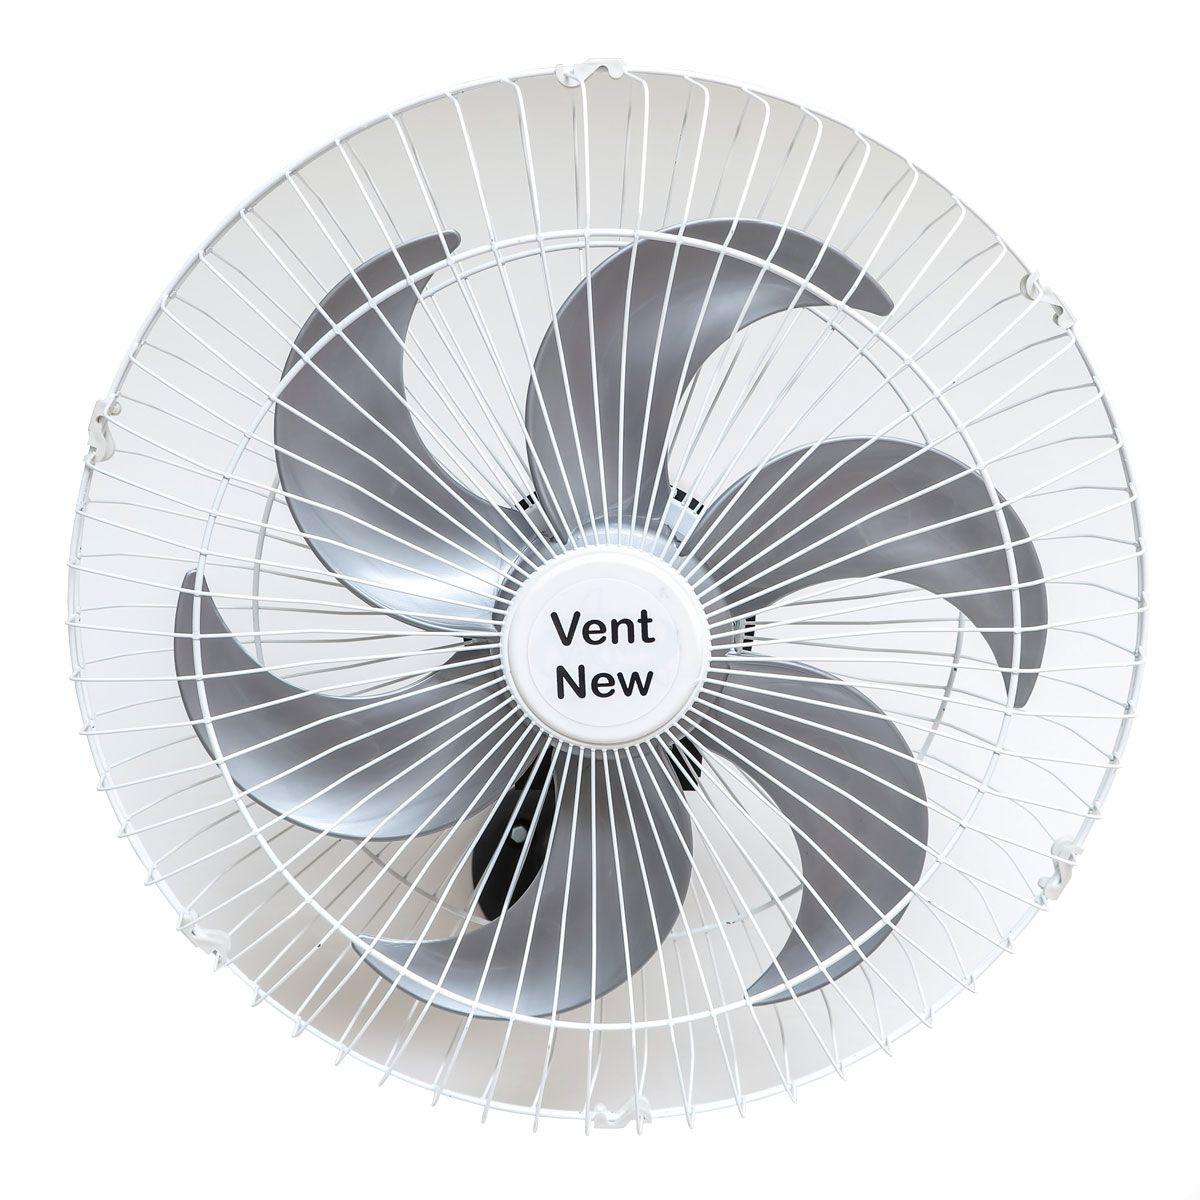 Kit 6 Ventiladores Parede Oscilante 50 Cm Branco / Prata Bivolt Grade Aço